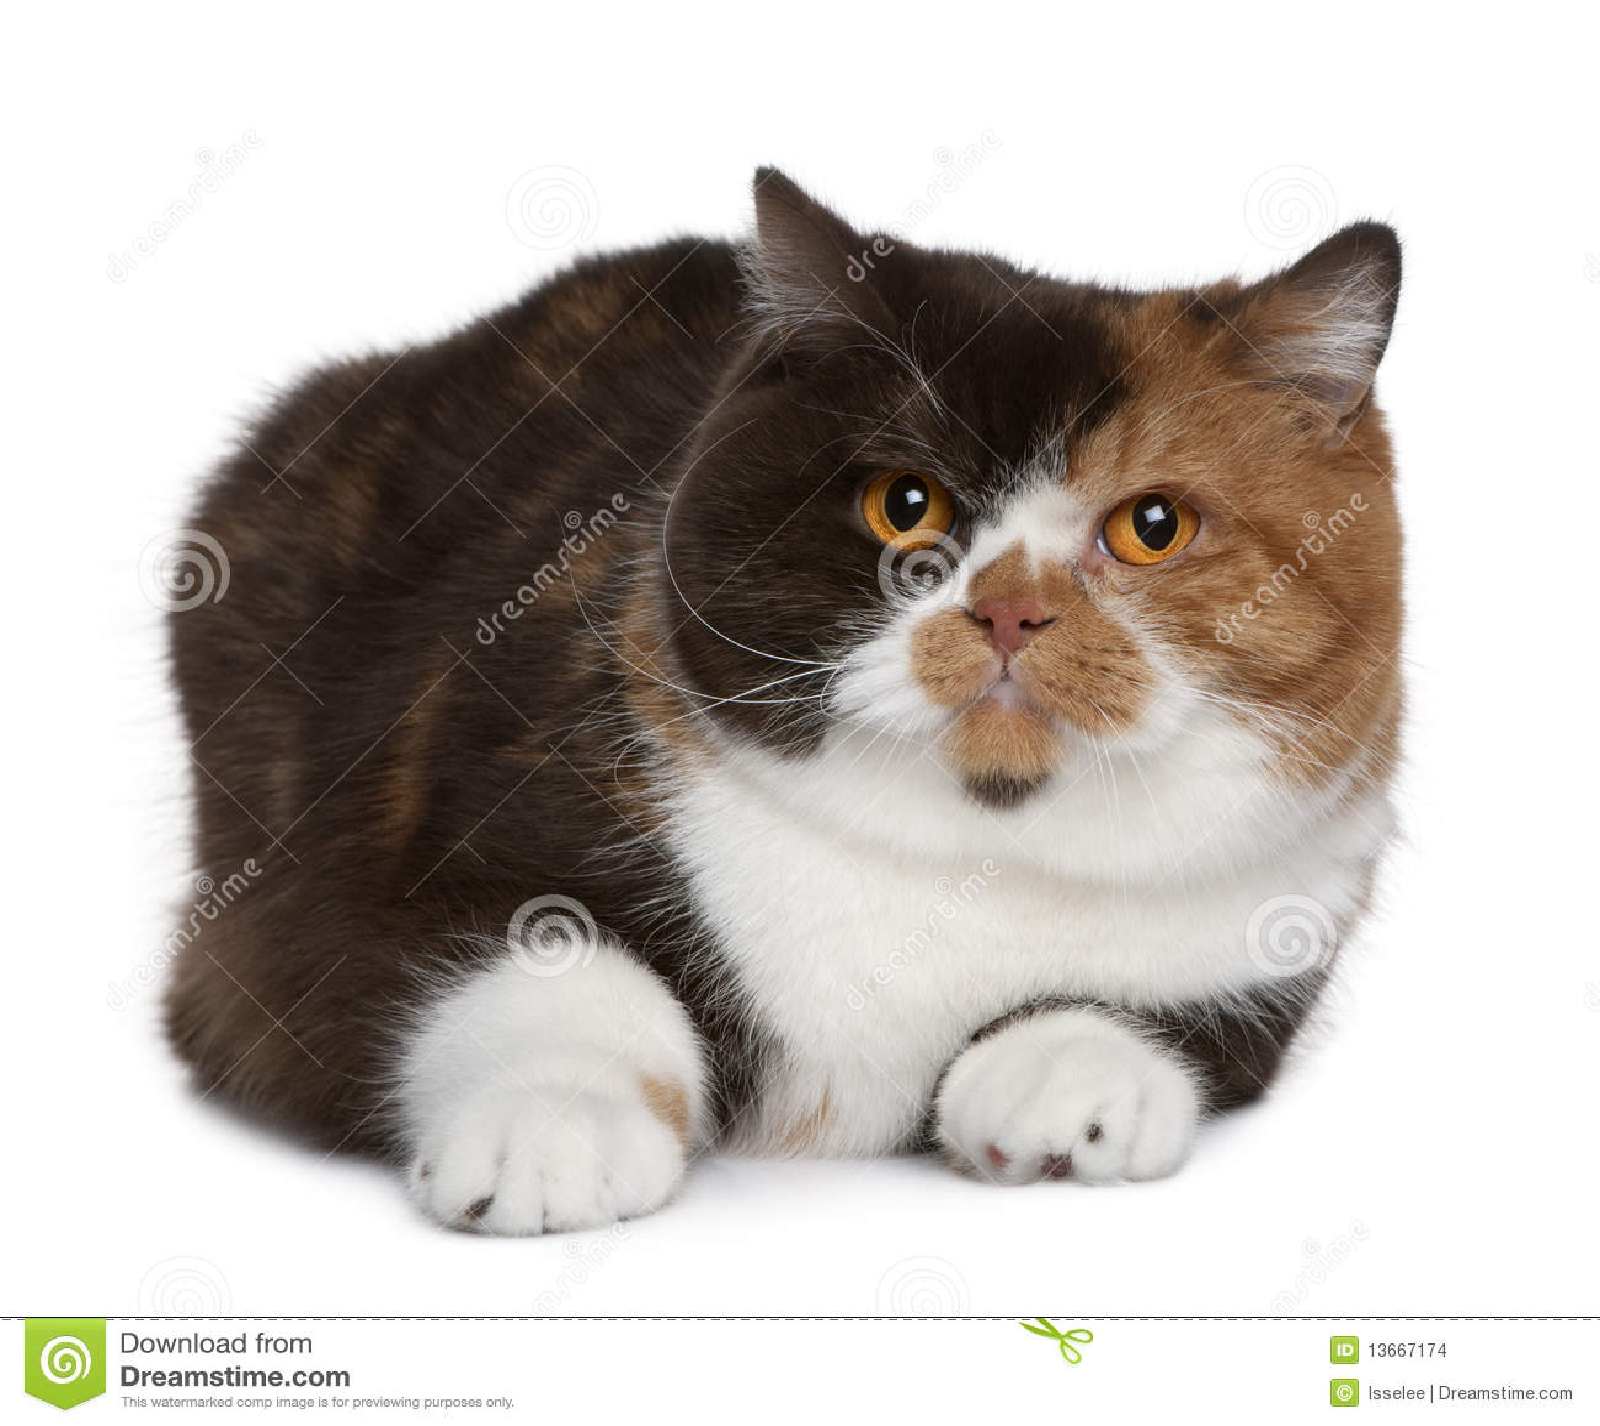 cat 1